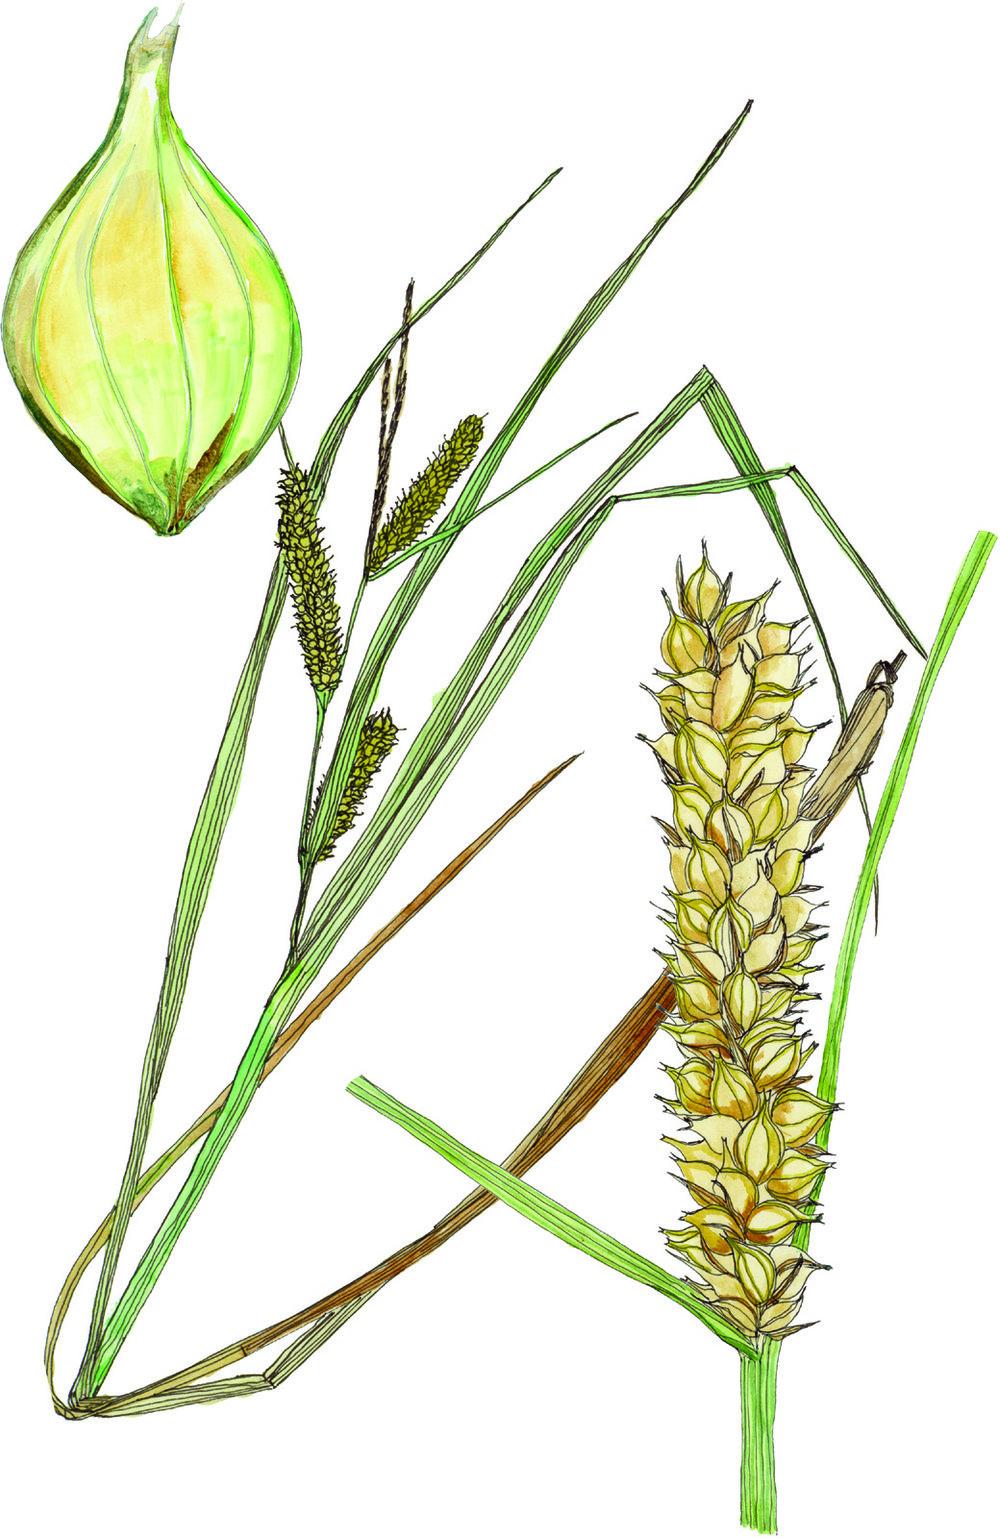 Fig30_Carex_utriculata.jpg